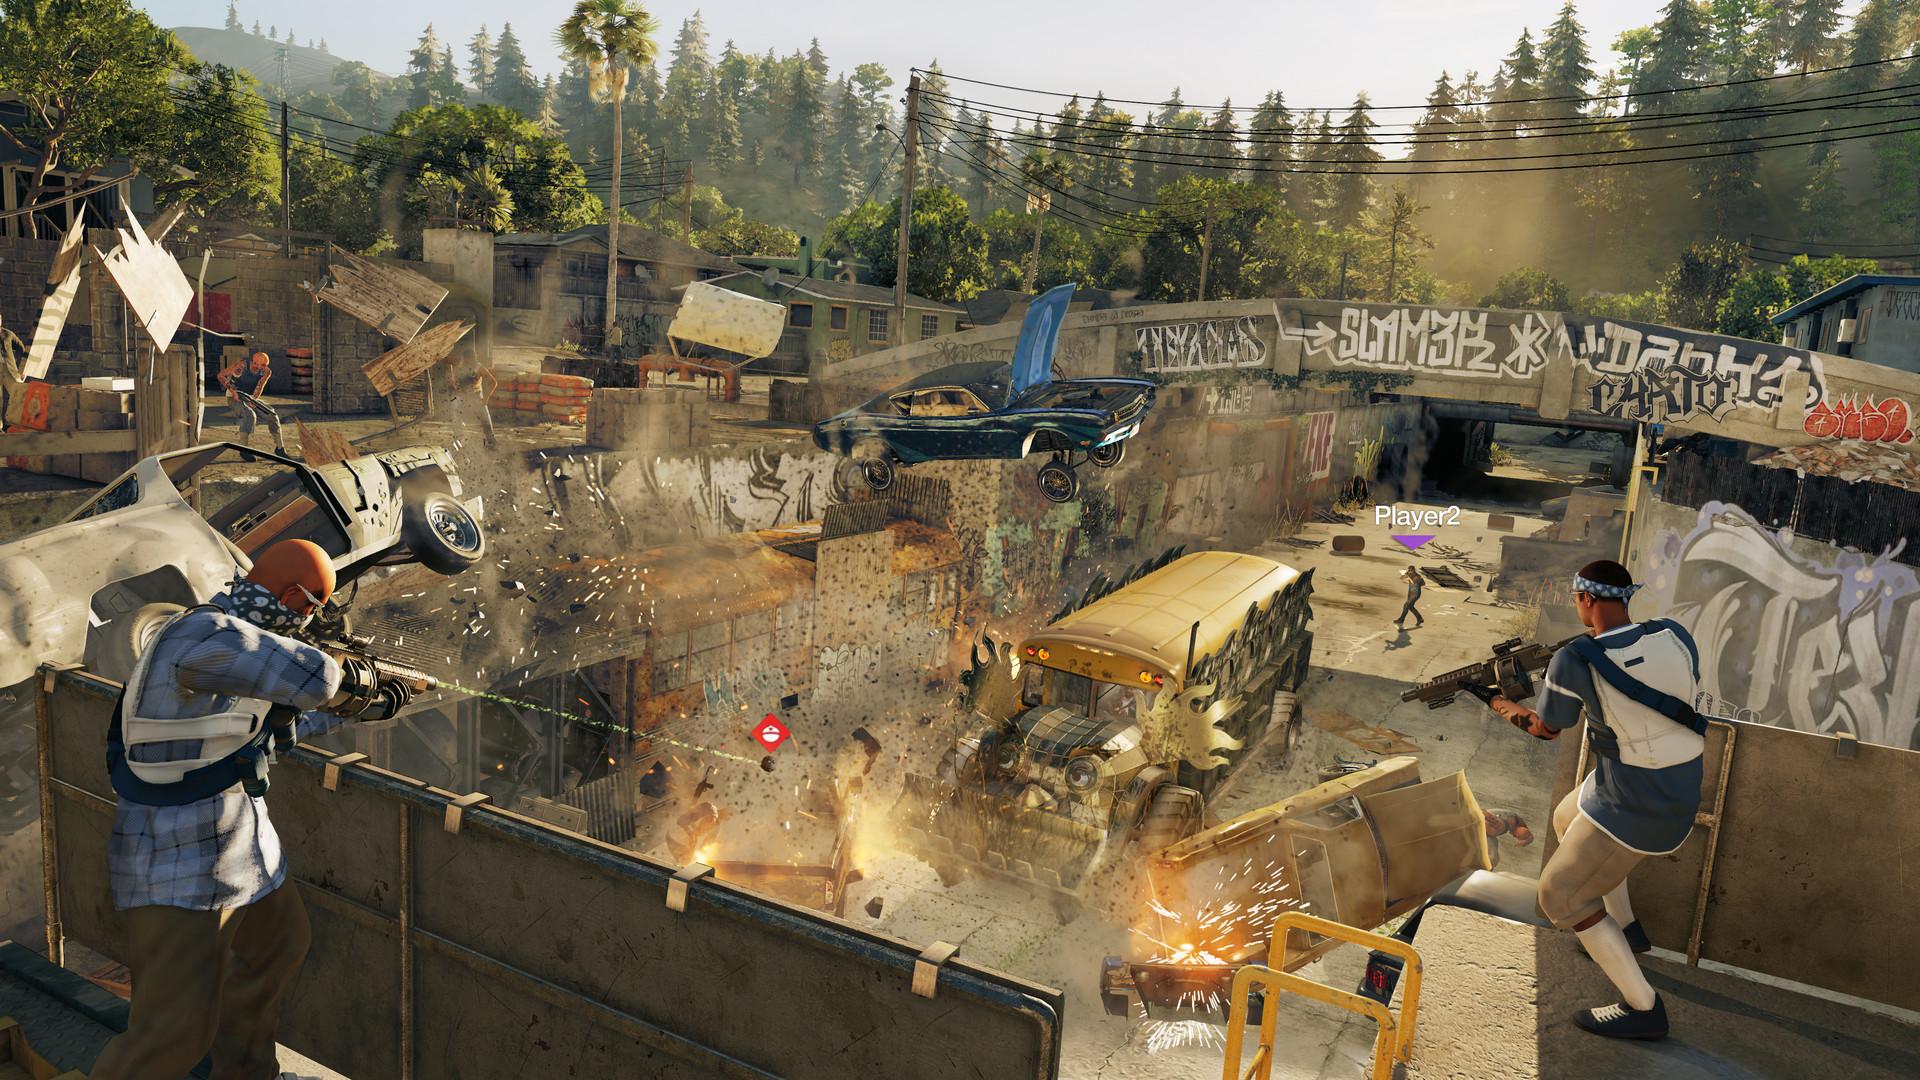 com.steam.525000-screenshot